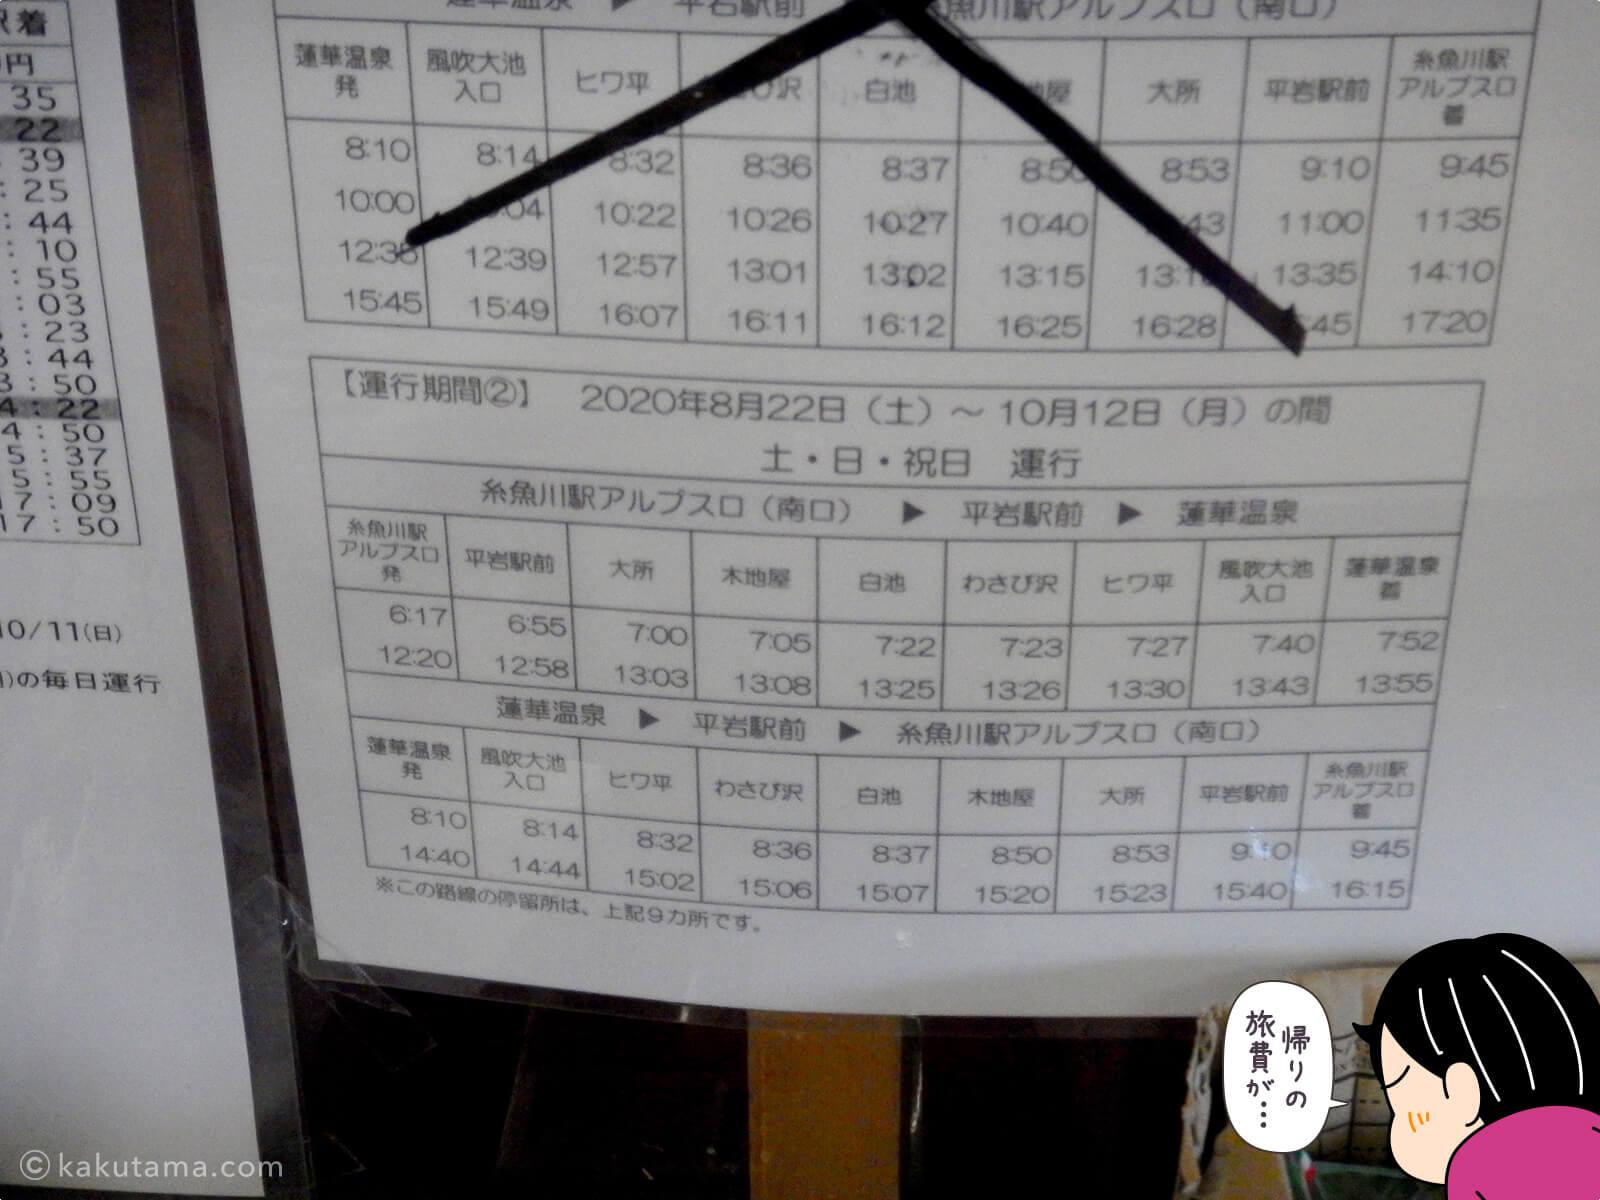 蓮華温泉への時刻表